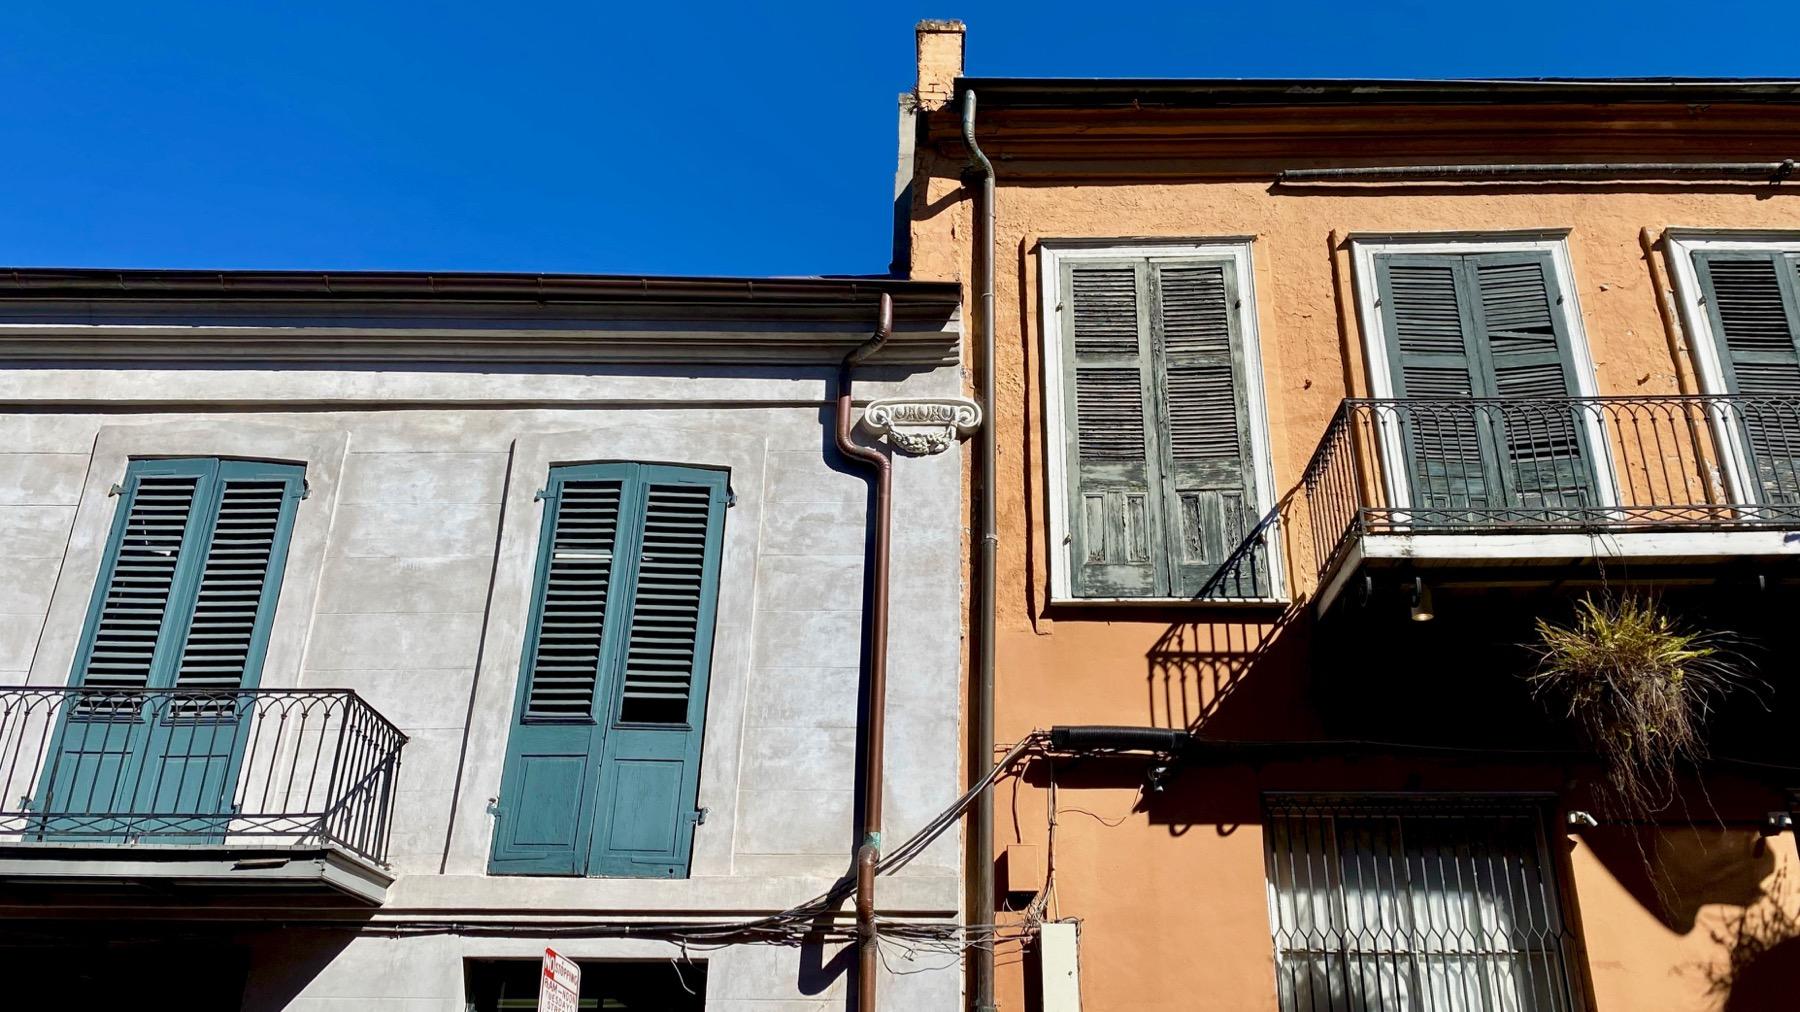 Balconies adjacent